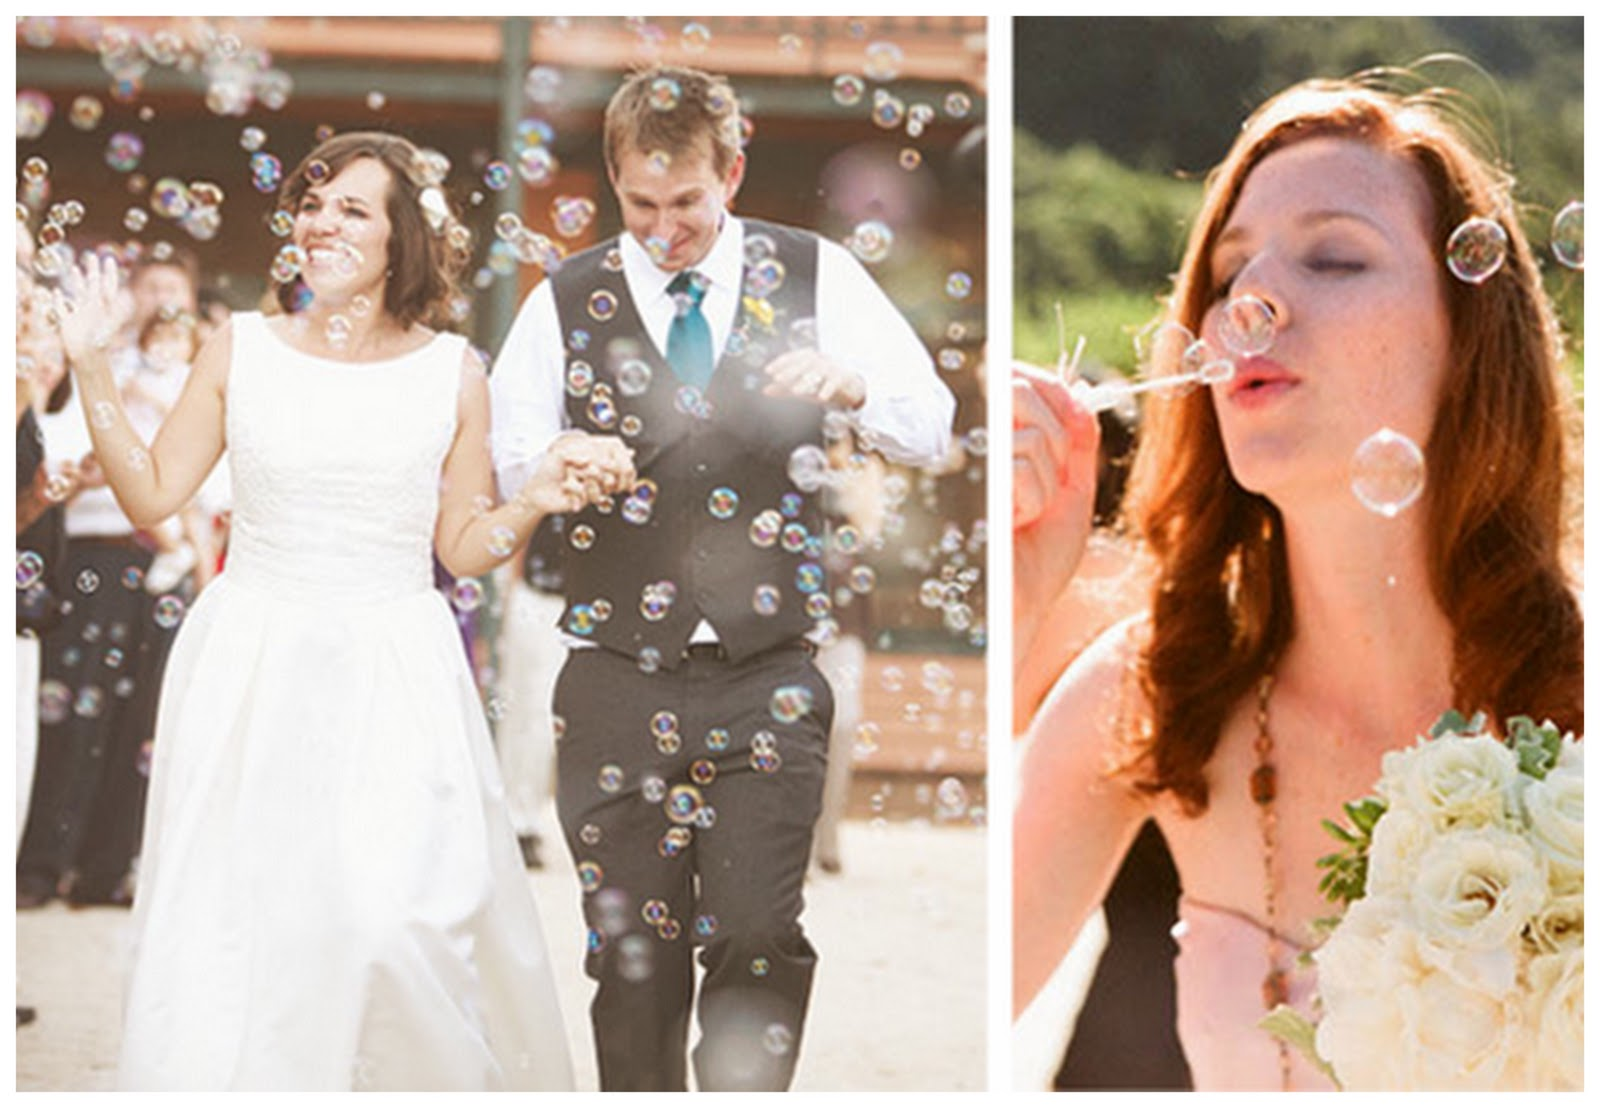 Wedding Confetti Alternatives